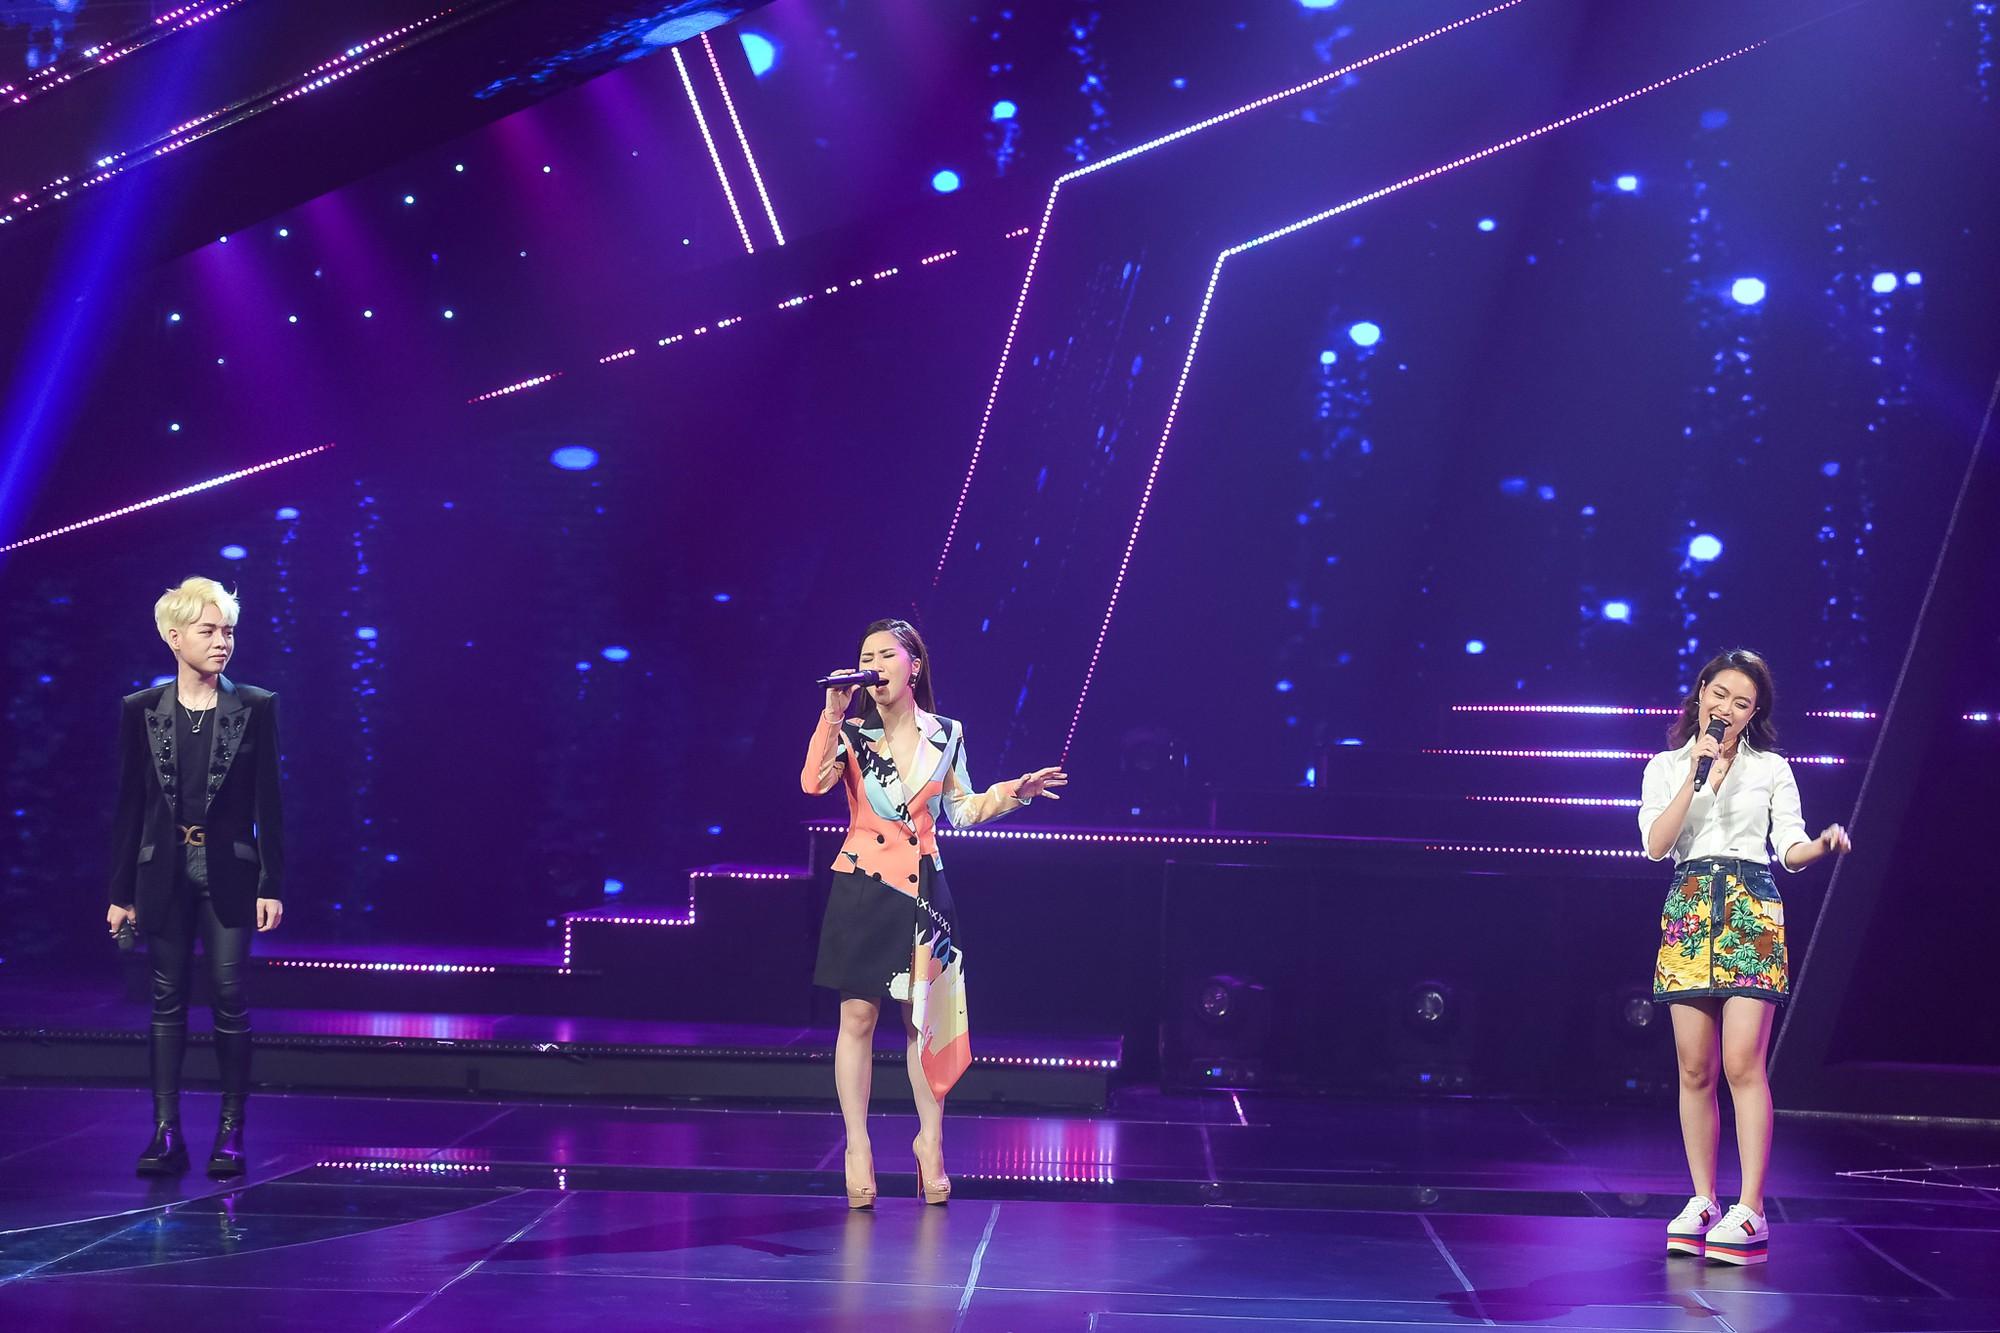 Hoàng Thùy Linh, Hương Tràm, Đức Phúc lần đầu hòa giọng tình cảm trong ca khúc chung - Ảnh 5.